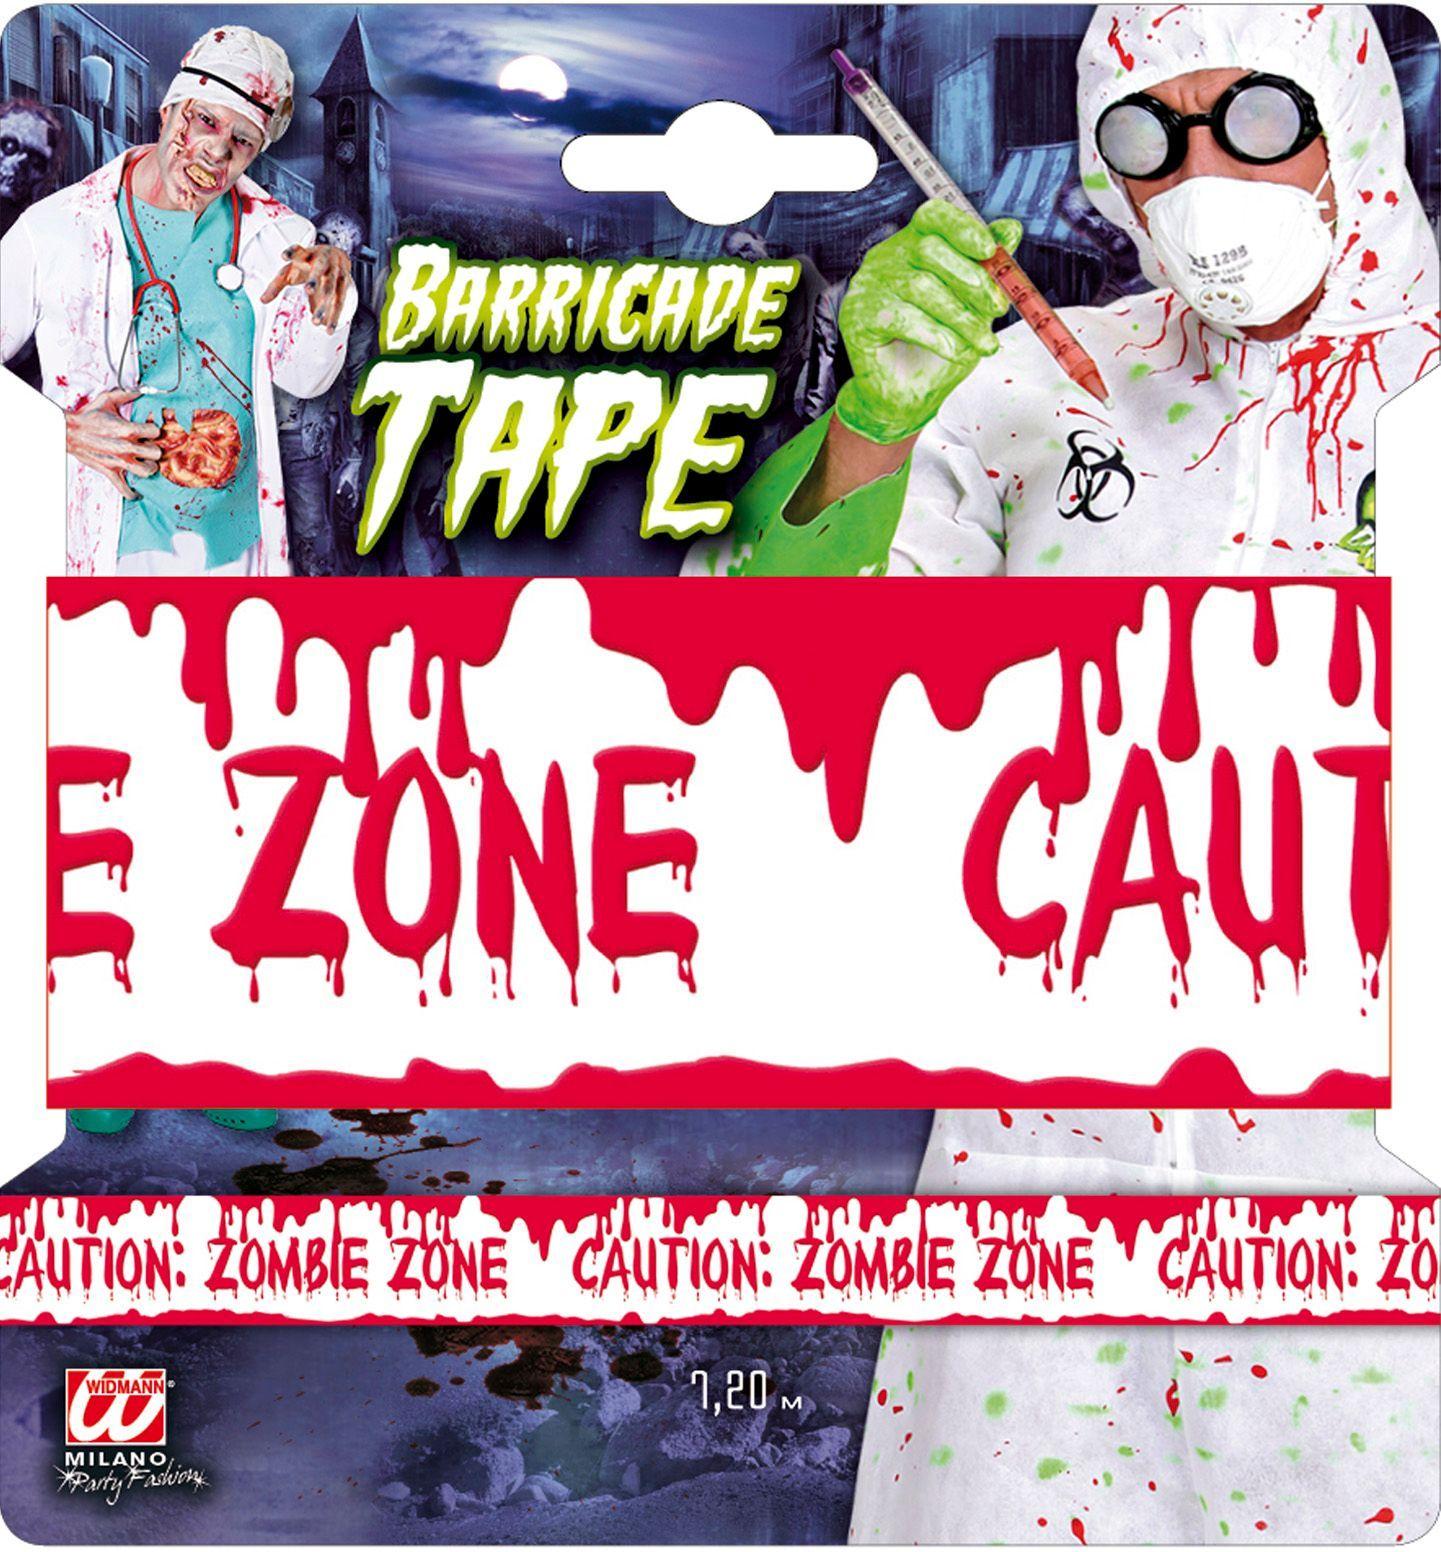 Waarschuwingslint: Zombie zone